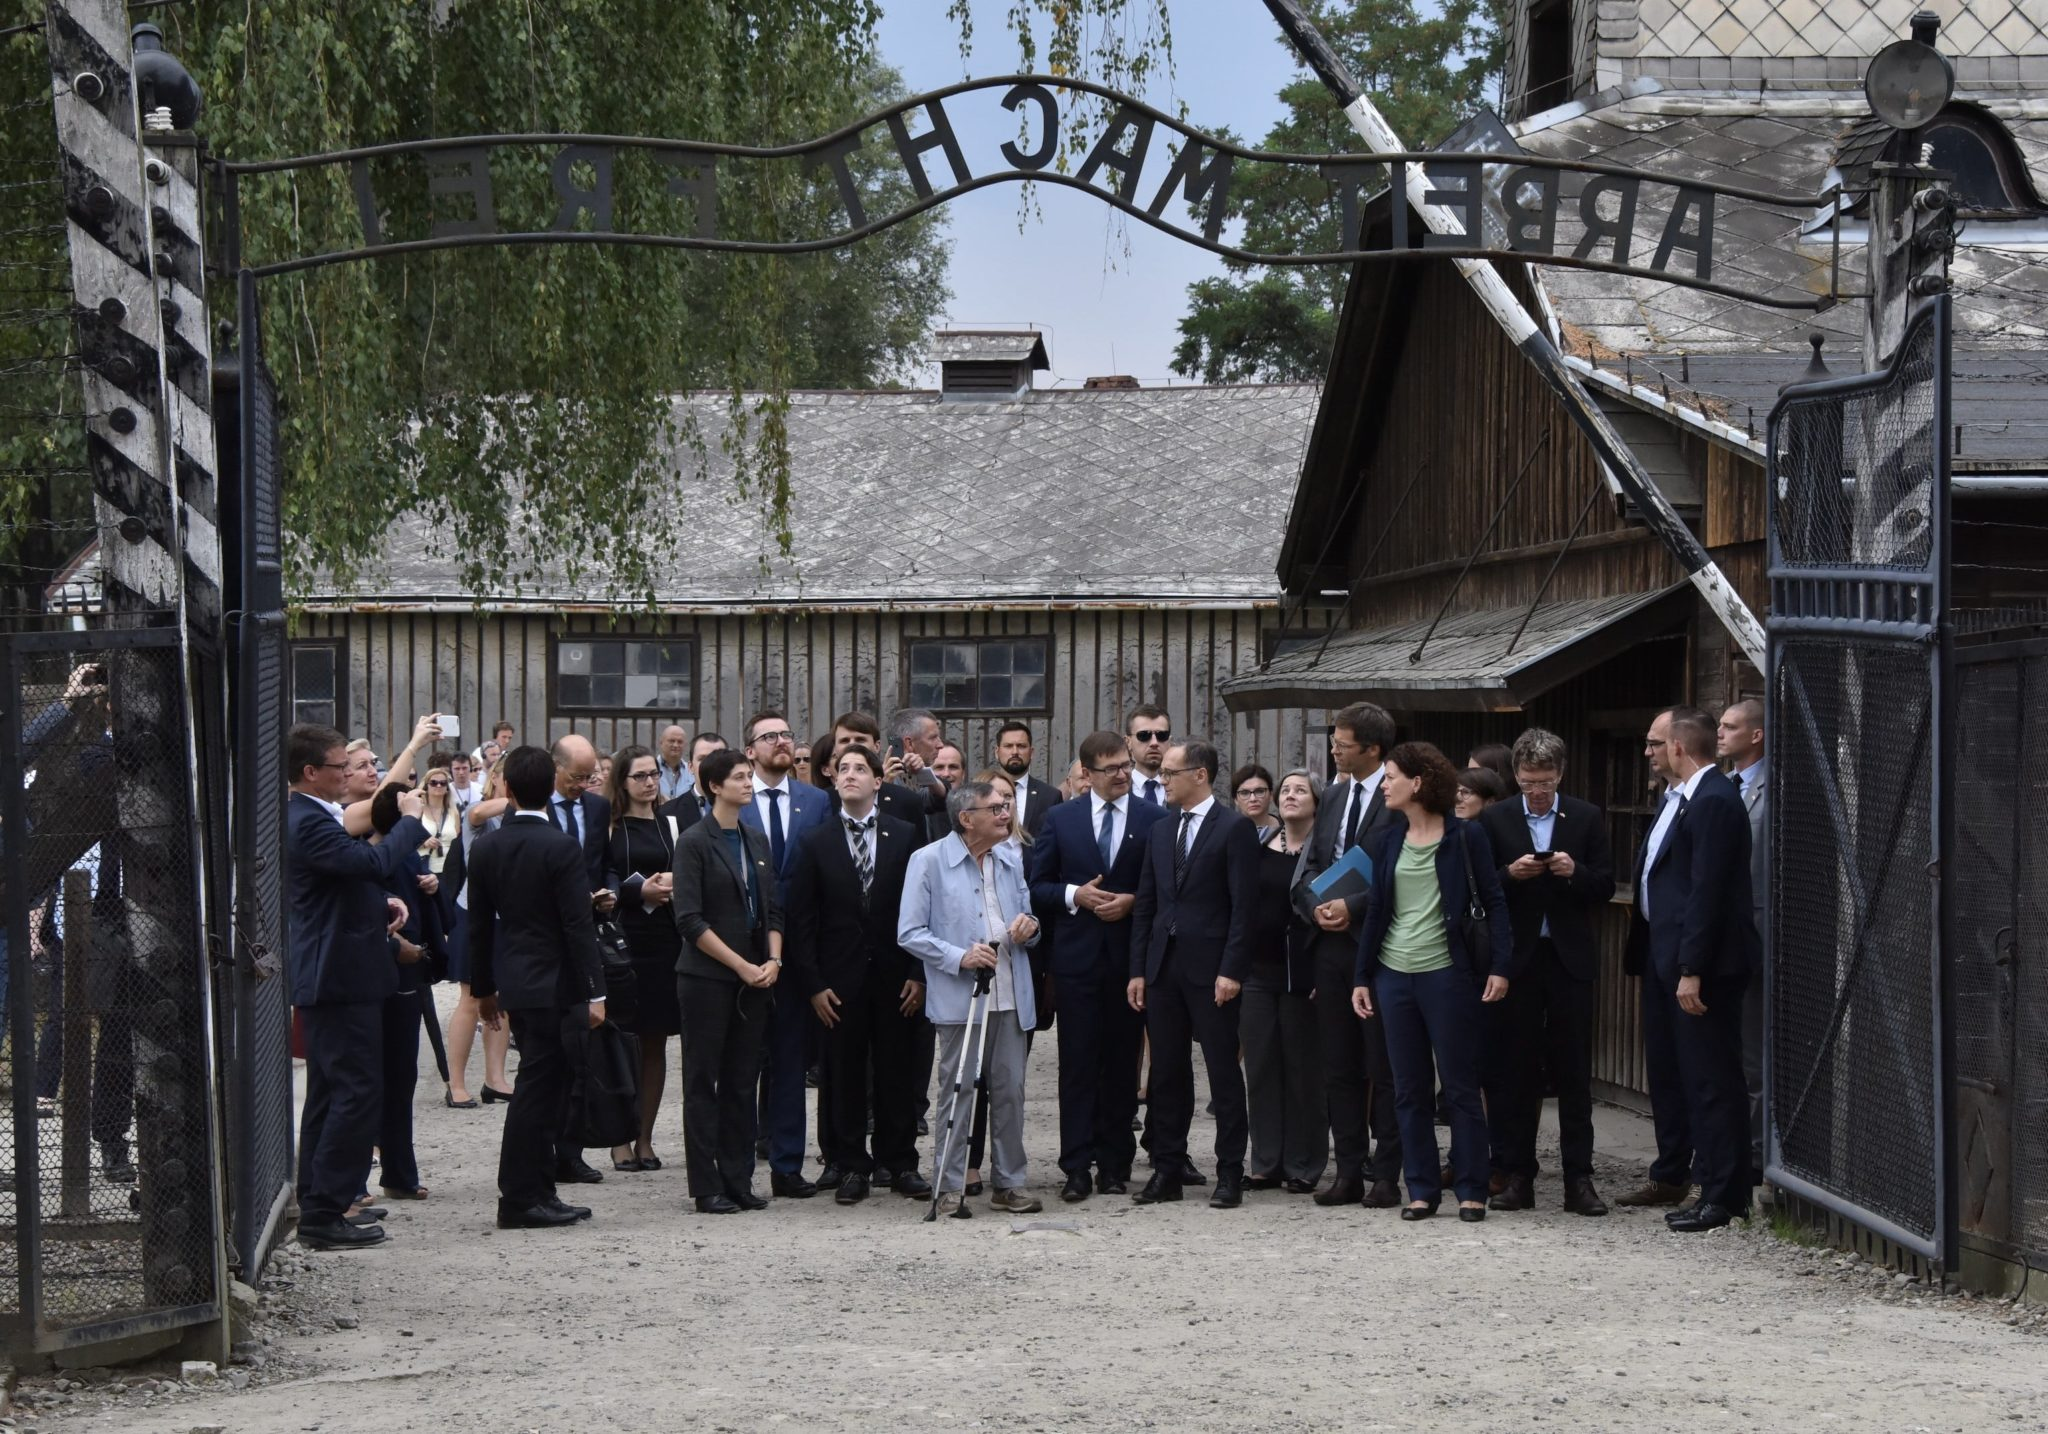 Niemieckie obozy zagłady reprezentują najmroczniejsze akapity historii niemieckiej; bierzemy odpowiedzialność za okrucieństwa, które zostały dokonane na Polakach i Żydach - powiedział w poniedziałek minister spraw zagranicznych Niemiec Heiko Maas. W poniedziałek w Centrum św. Maksymiliana w Harmężach koło Oświęcimia odbyło się spotkanie szefów MSZ Polski i Niemiec (Jacka Czaputowicza i Heiko Maasa), fot. PAP/EPA